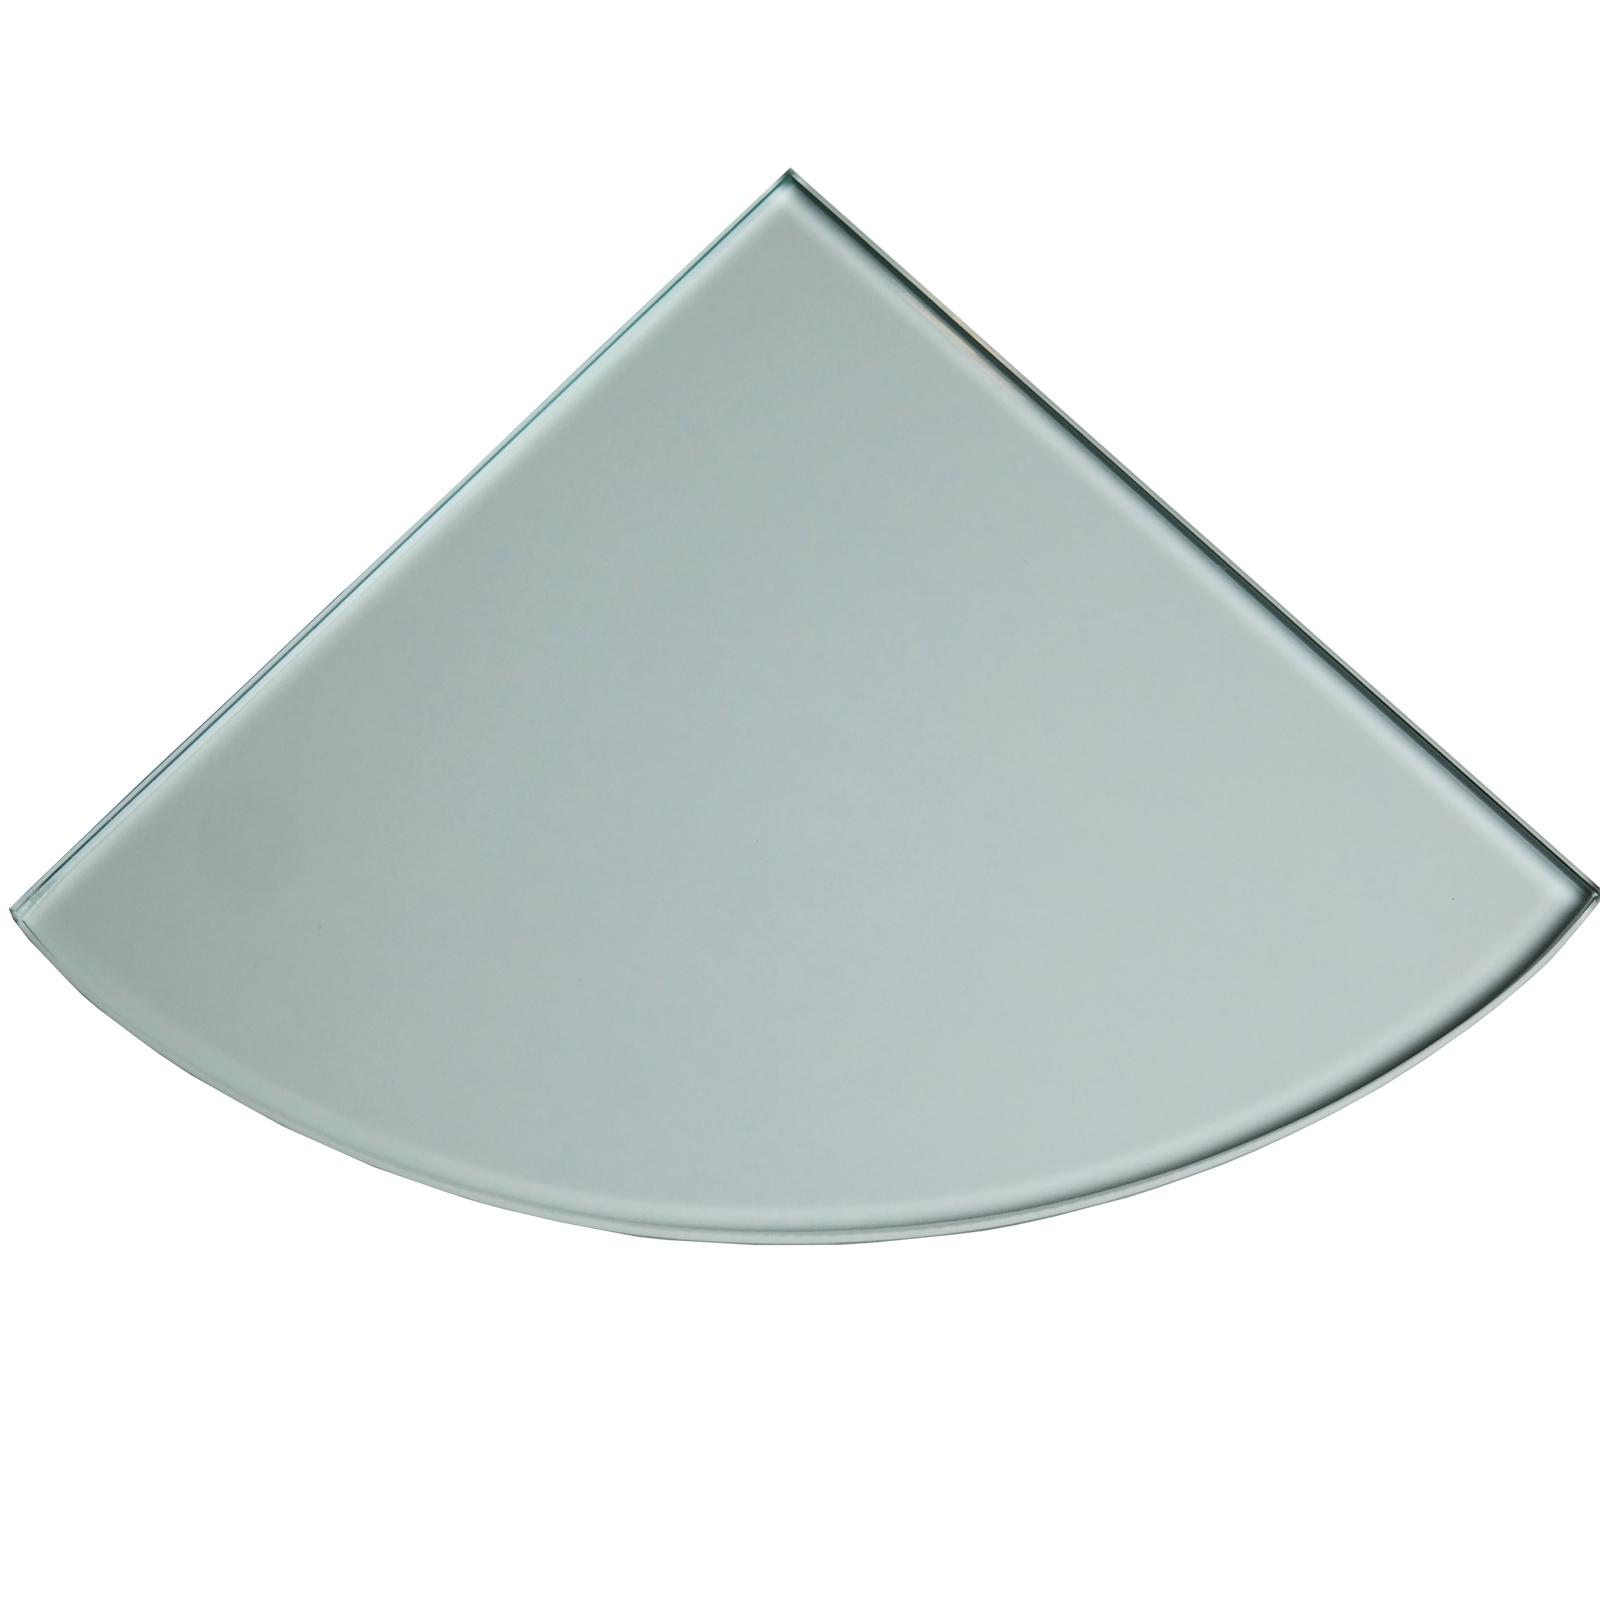 clear tempered glass bathroom caddy corner shelf. Black Bedroom Furniture Sets. Home Design Ideas